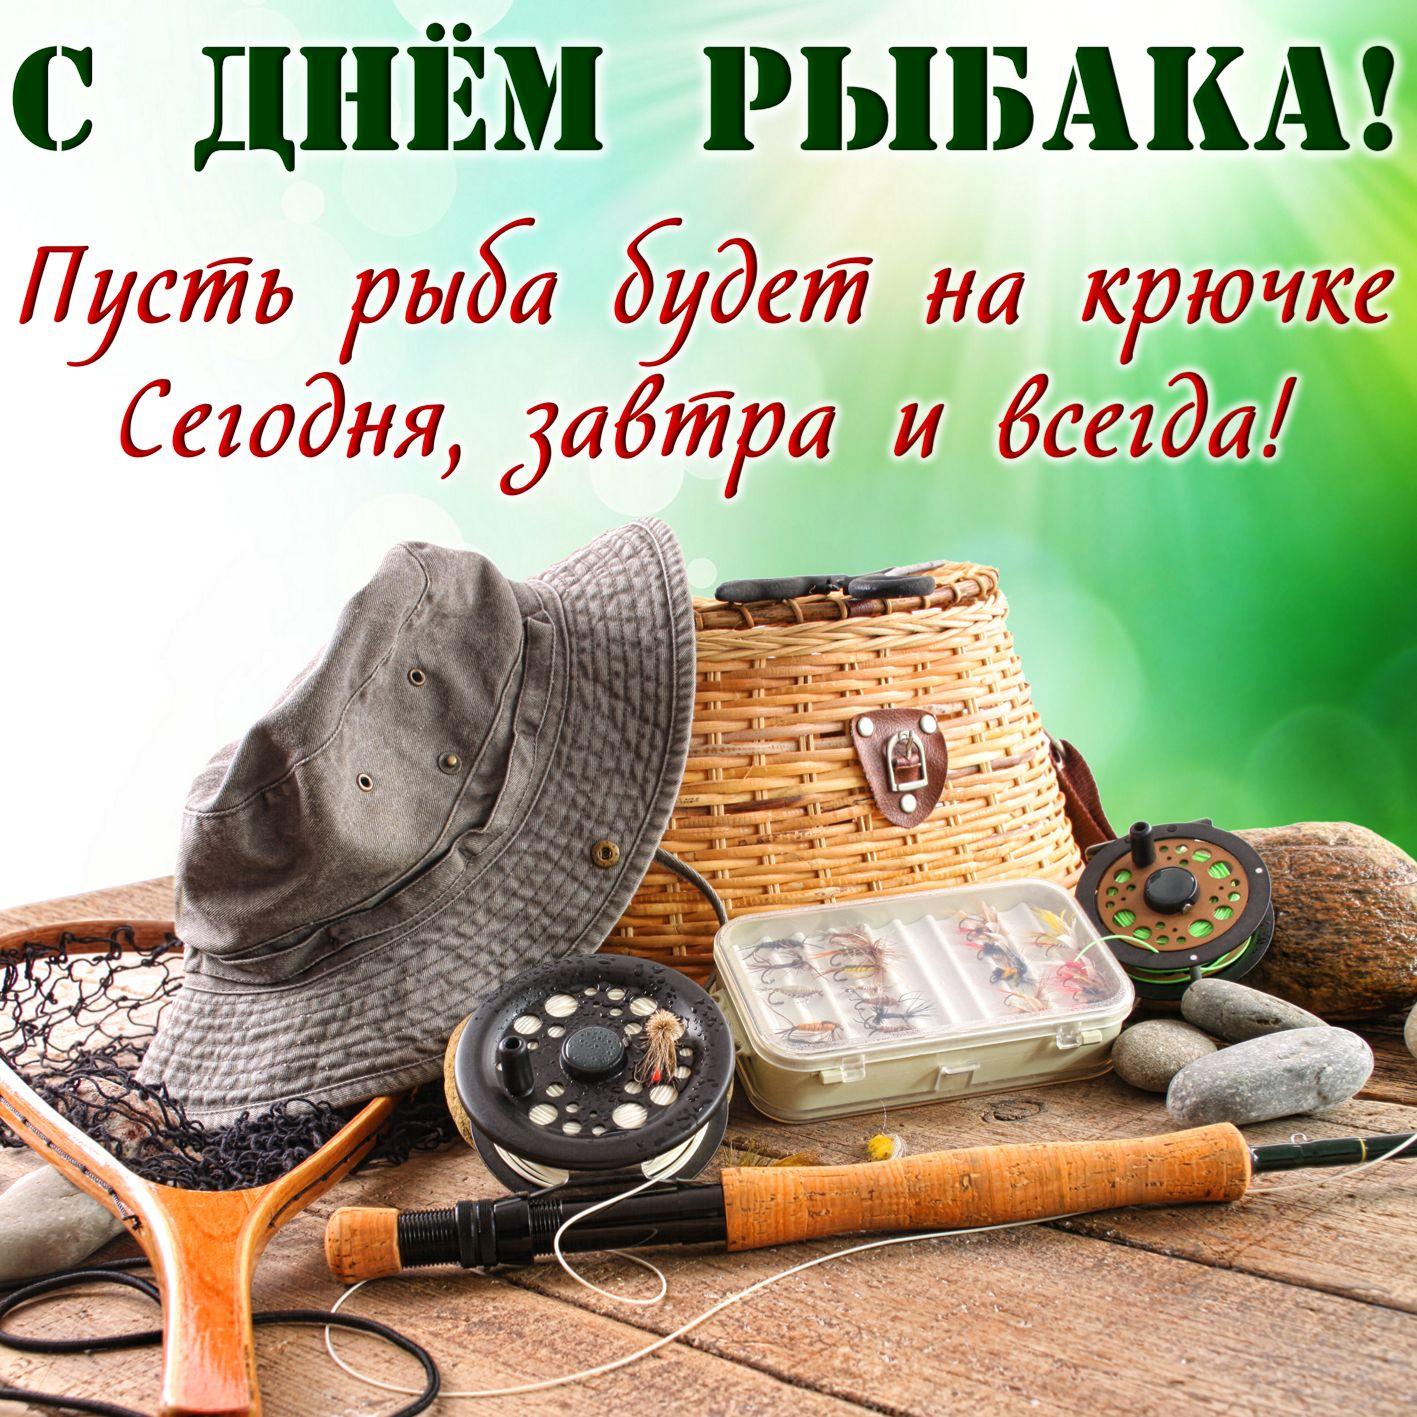 Открыток, открытки на день рыбака